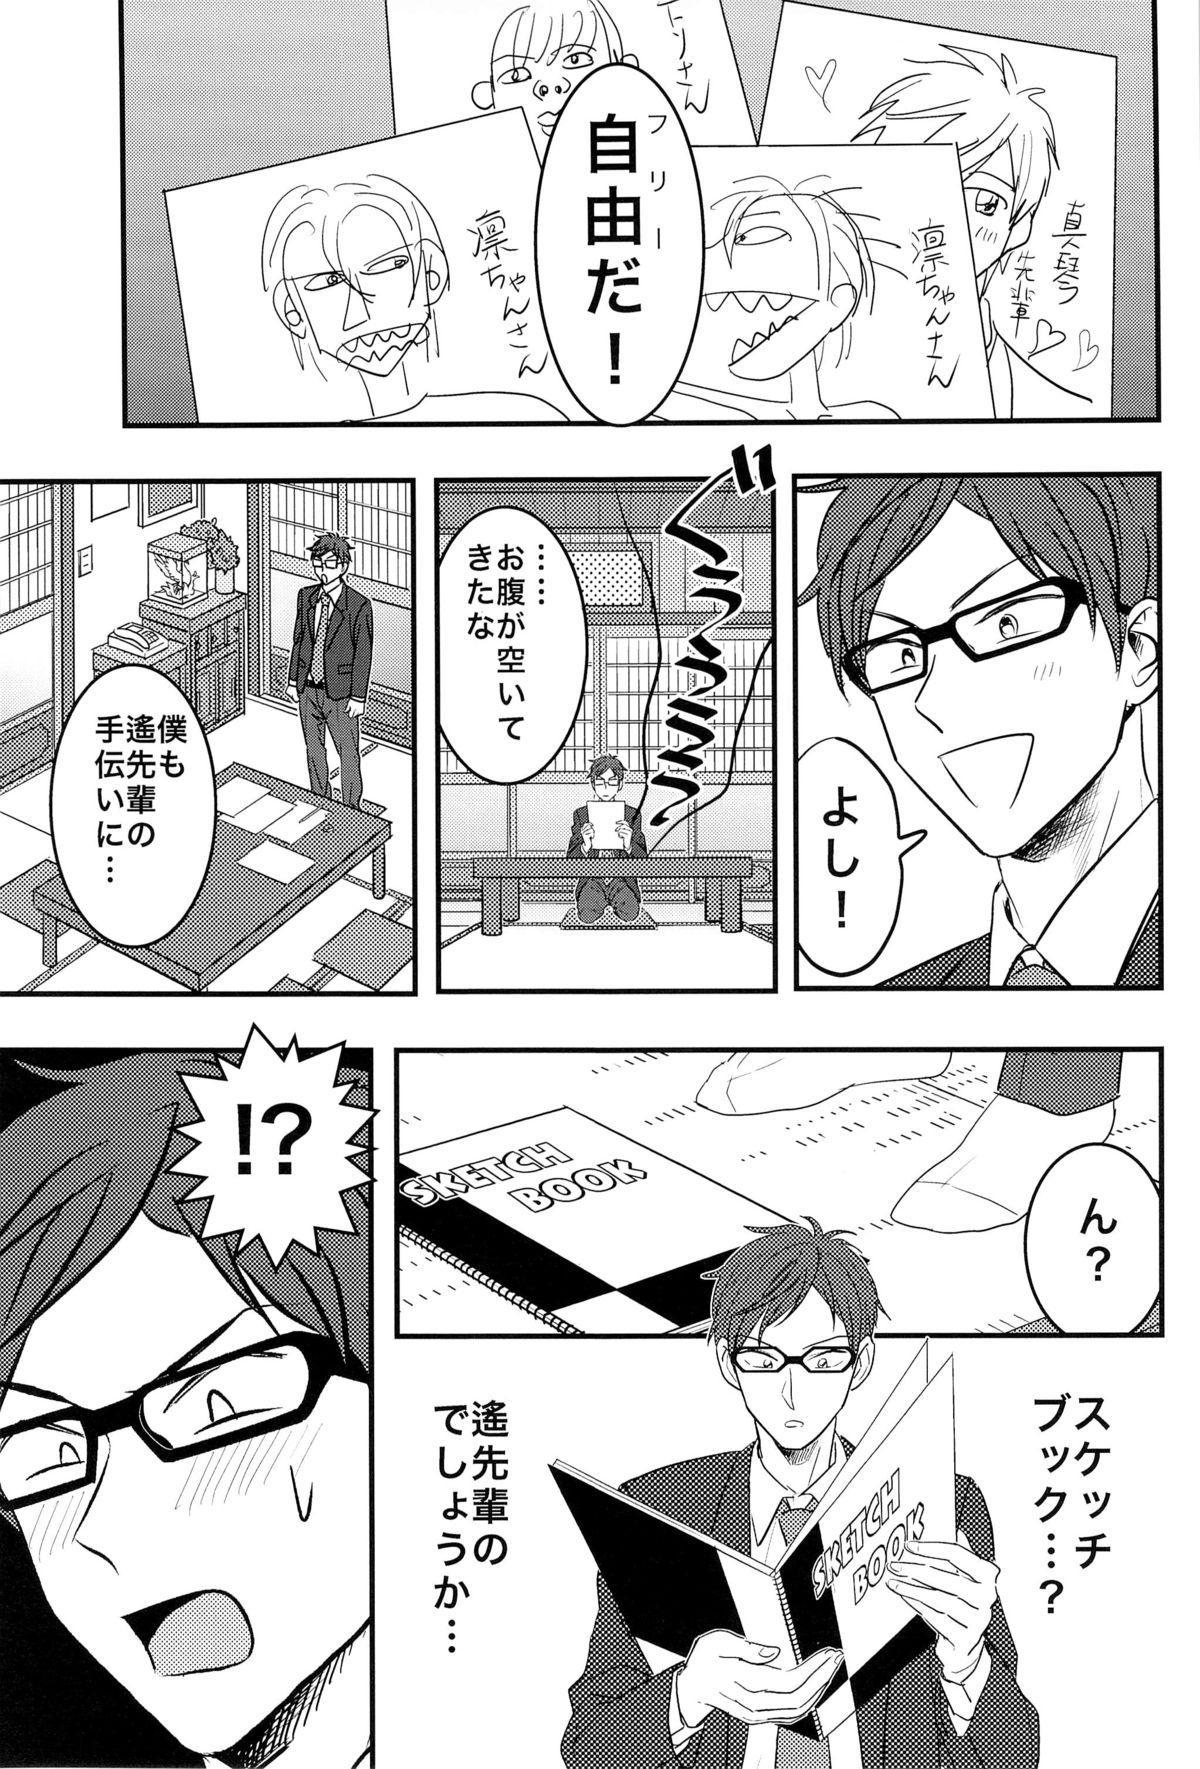 Boku no Riron de Uketetachimasu 22